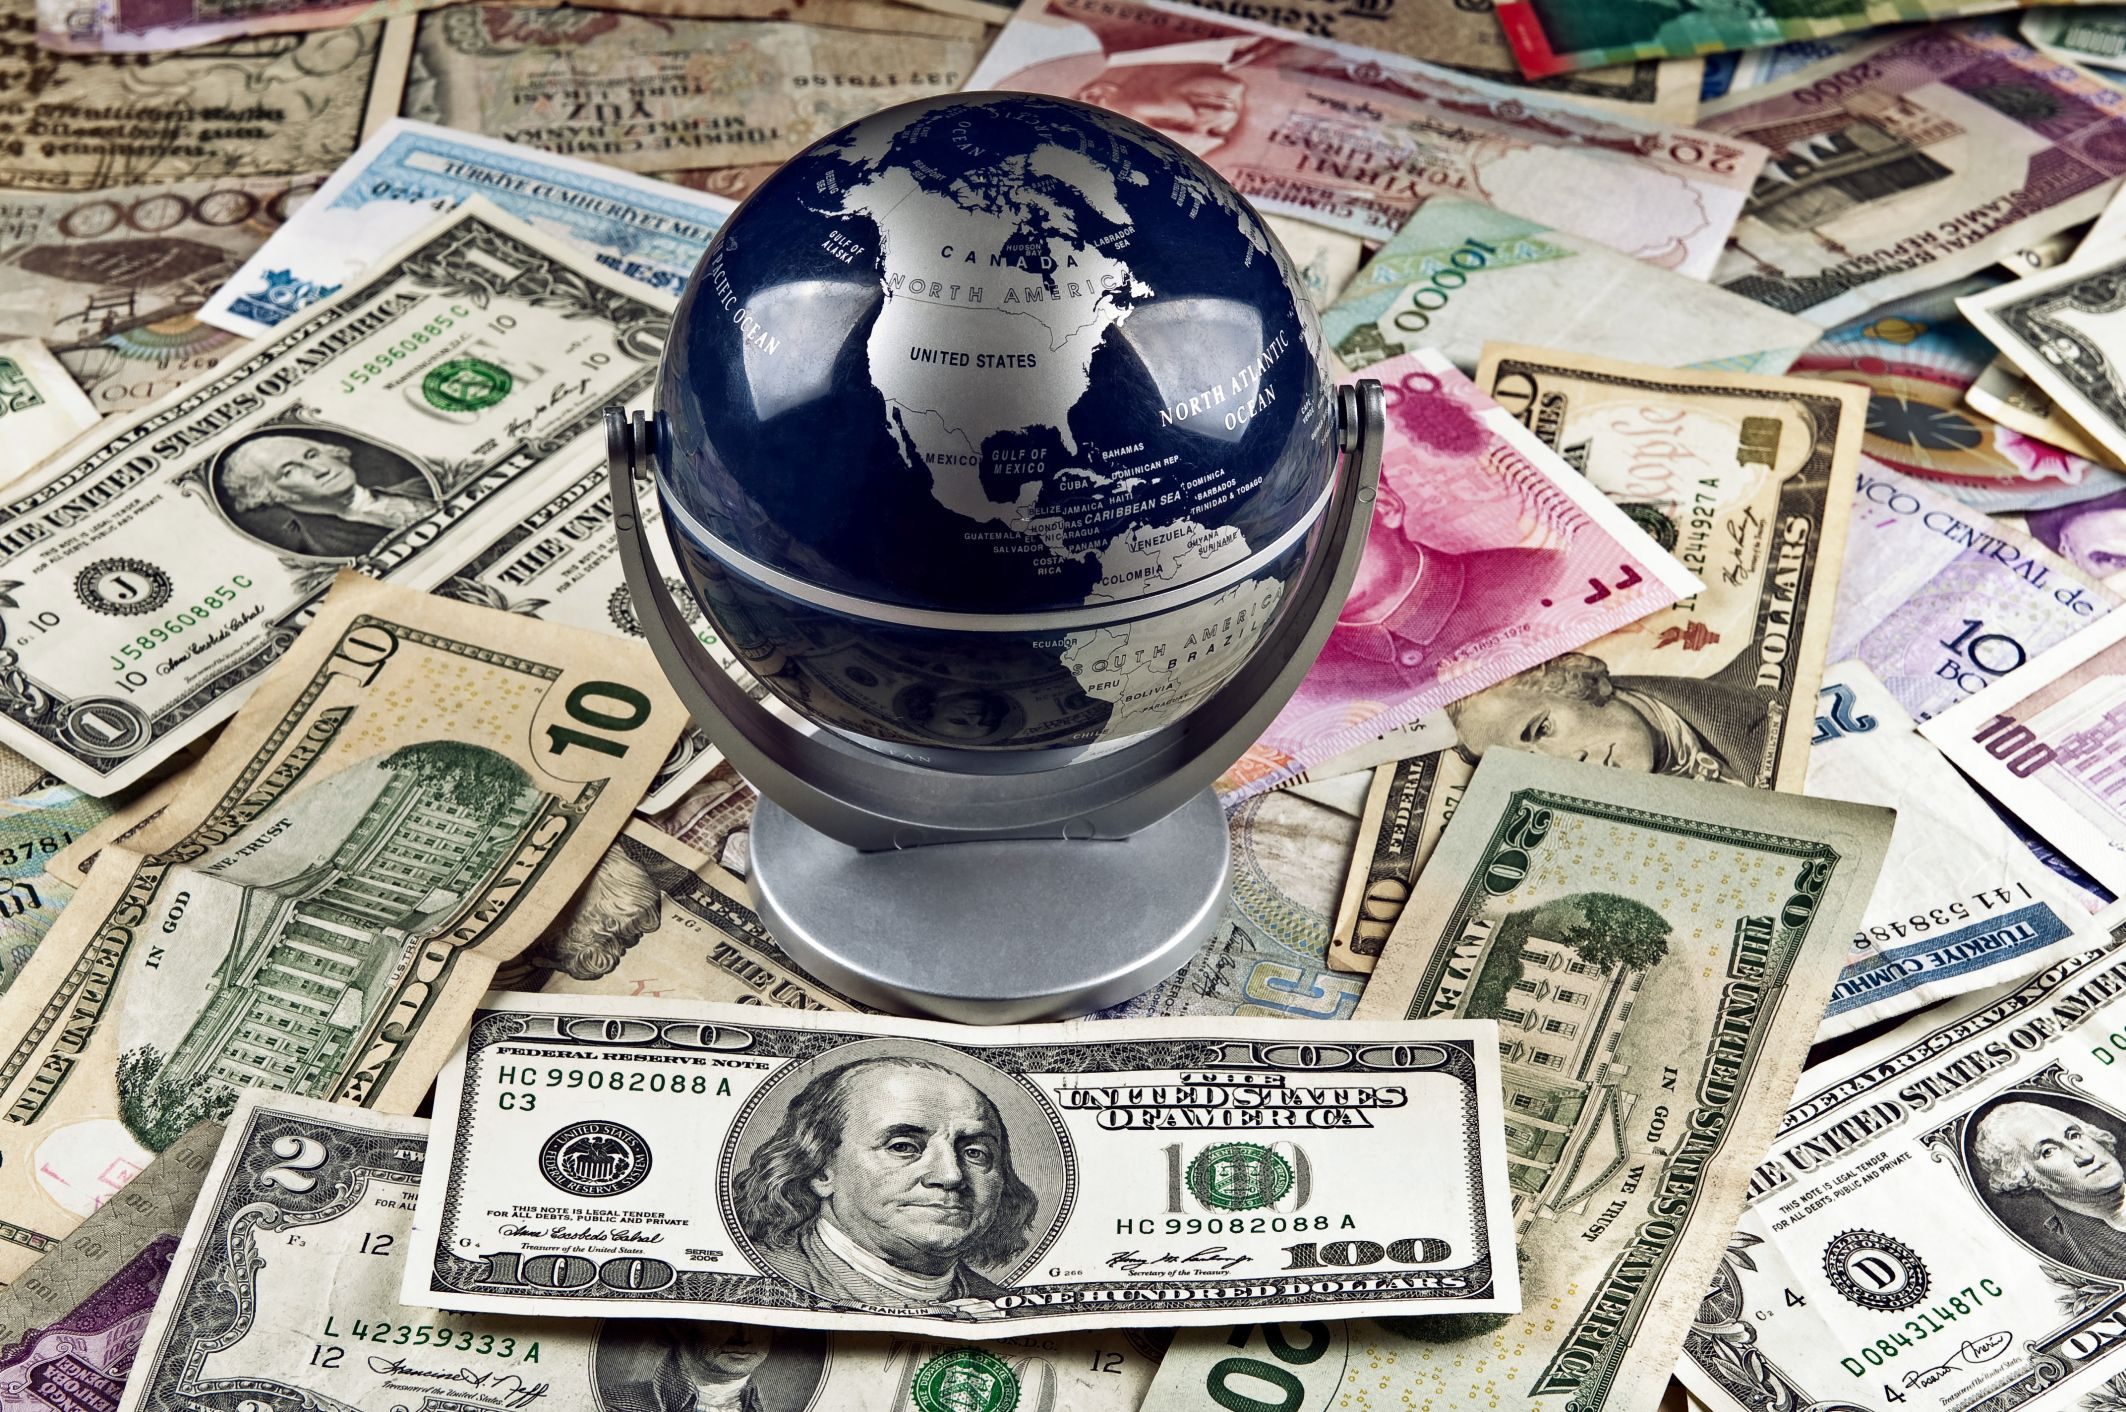 Yeni yılda asgari ücretin ne kadar olacağı ve asgari ücretle ilgili yükün nasıl bölüştürüleceği konuşulurken diğer ülkelerdeki asgari ücret tutarlarını derledik.